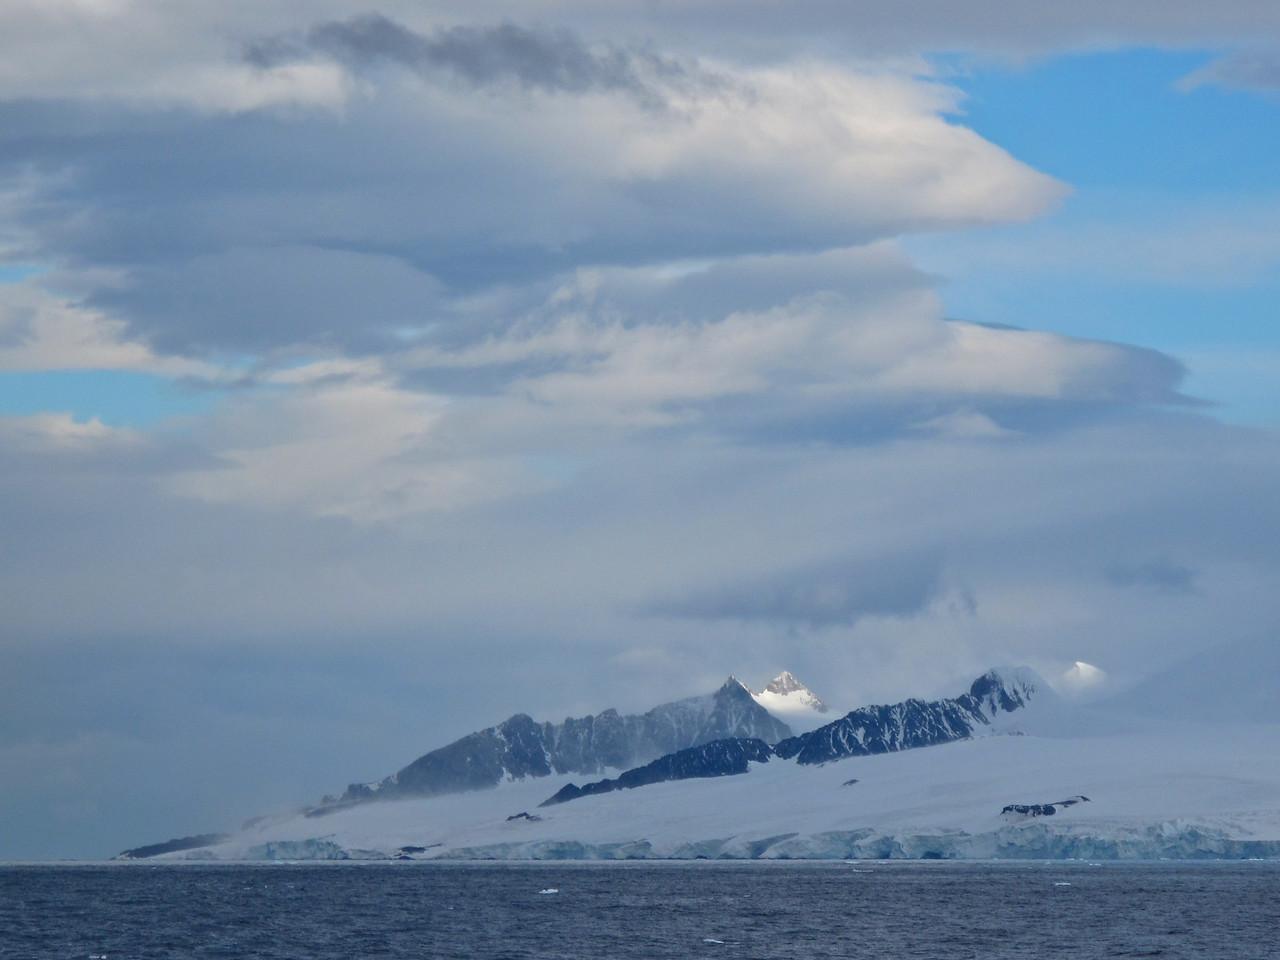 A nice view of the Antarctic peninsula.